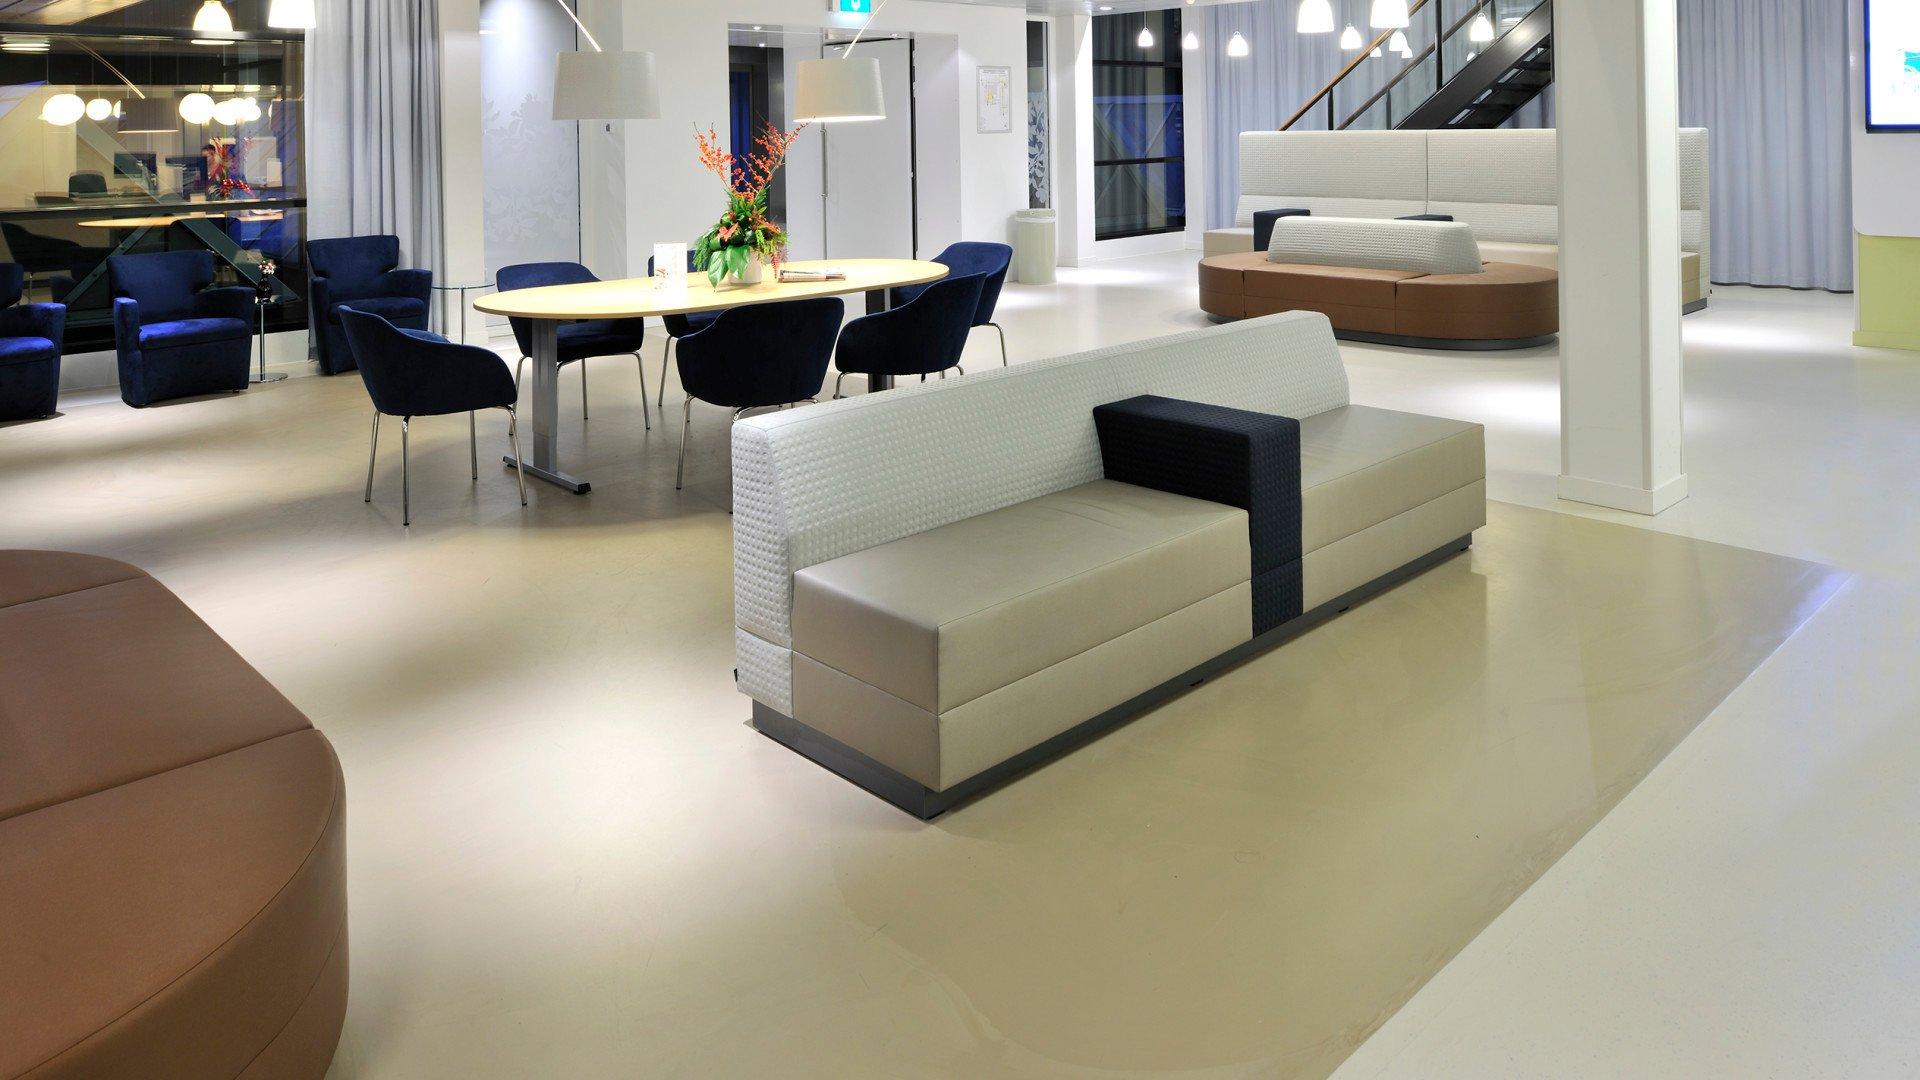 Cancer centre VUmc Amsterdam Bolidtop 525 Deco